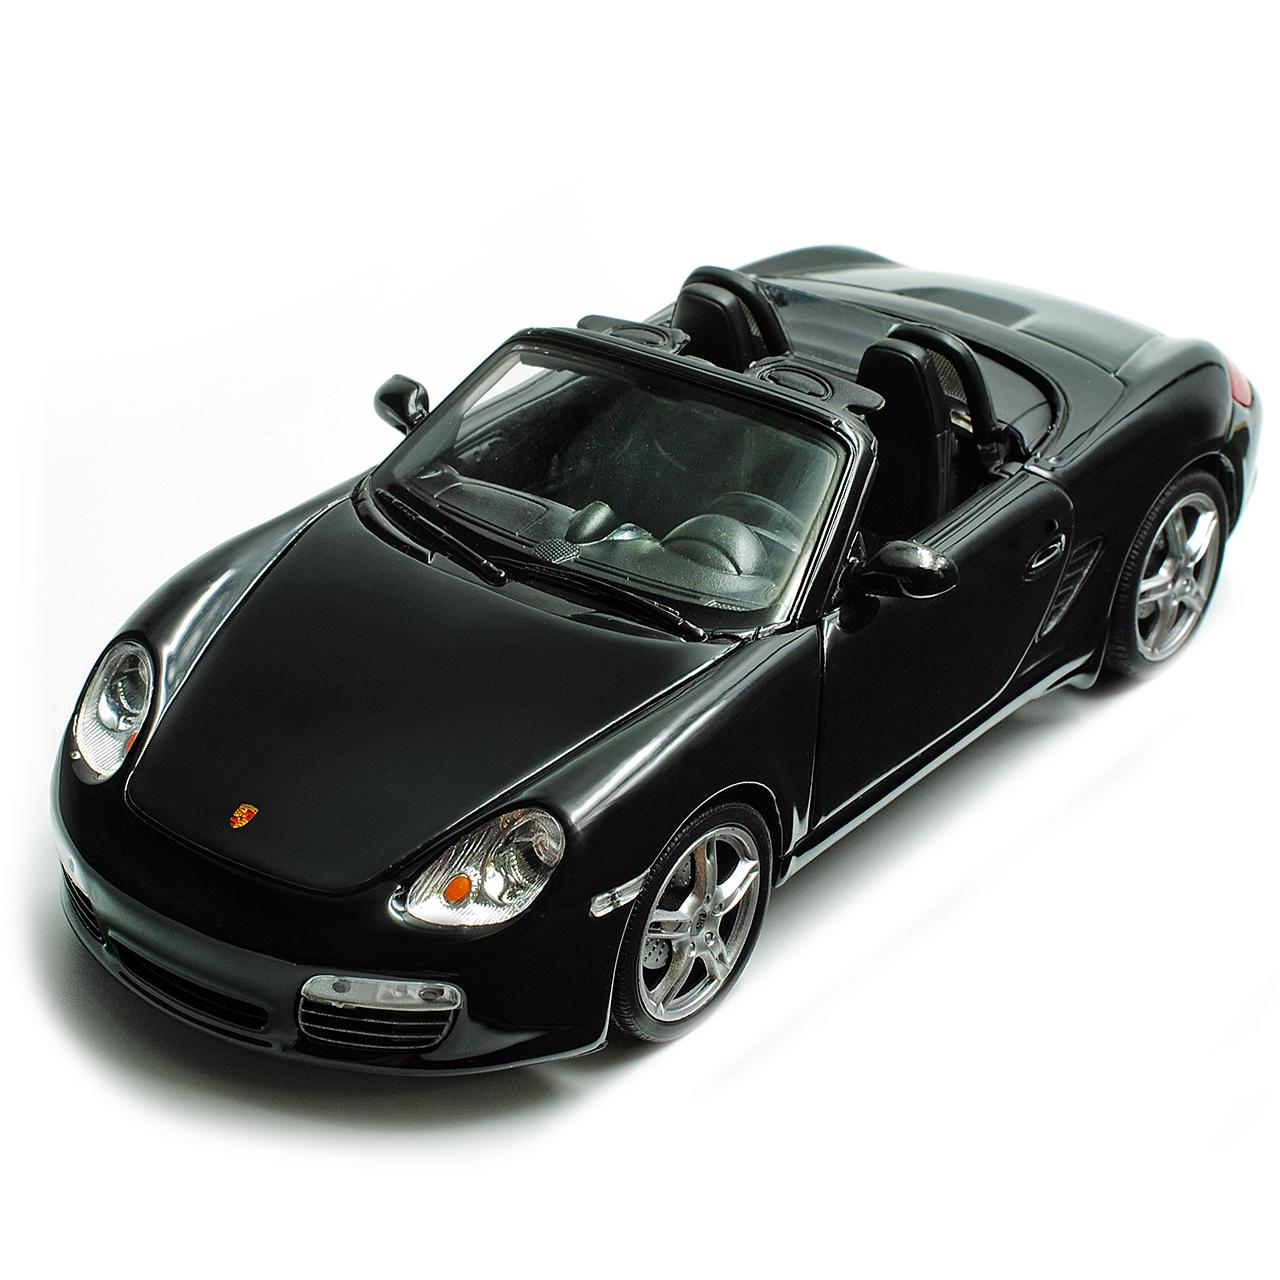 Porsche Boxster Car: Porsche Boxster S 987 Convertible Open Black 2004-2012 1